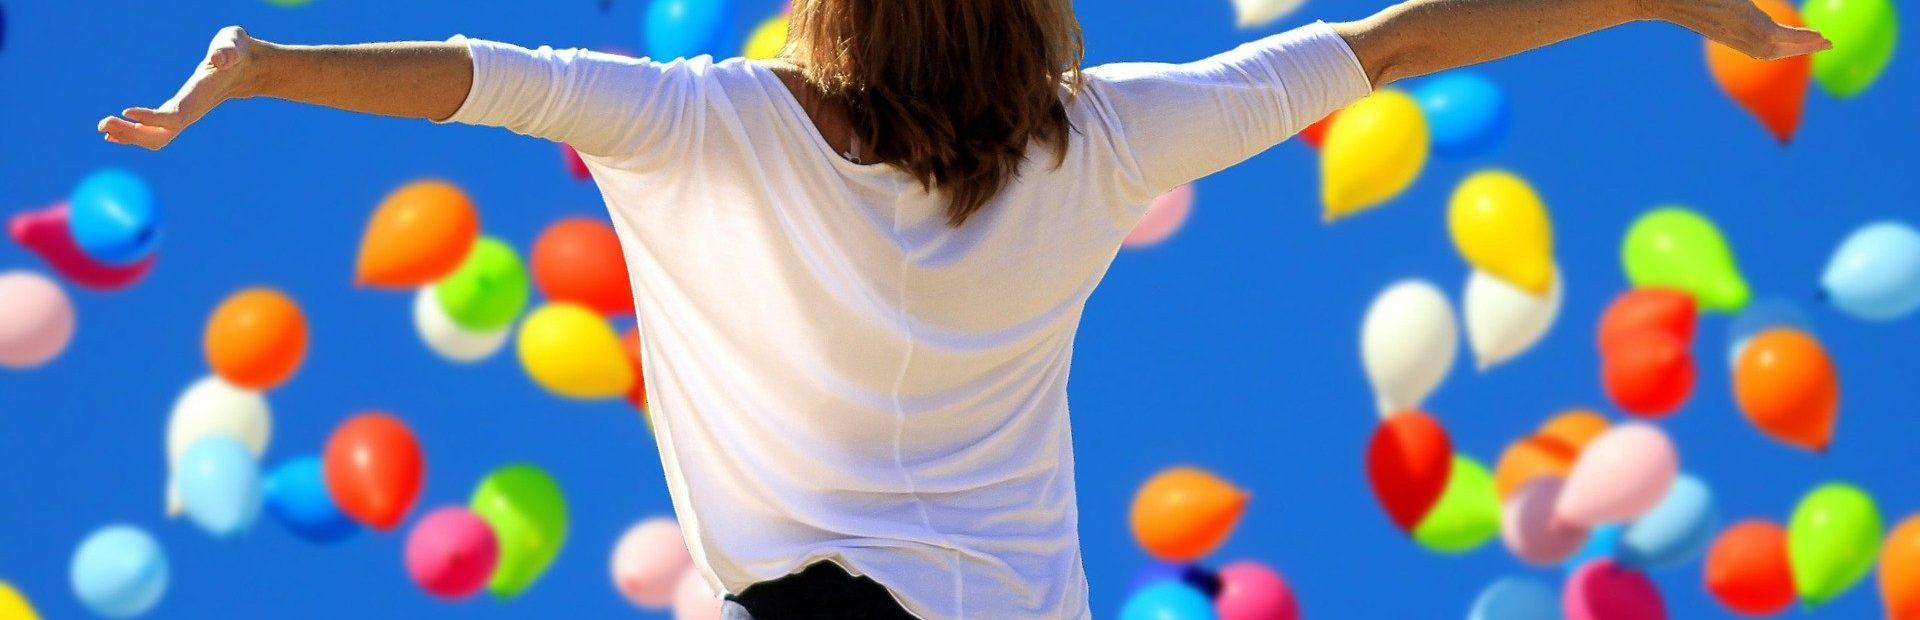 Positive Erlebnisse brennen sich ins Gedächnis ein. Unternehmen können mit Emotionen punkten.